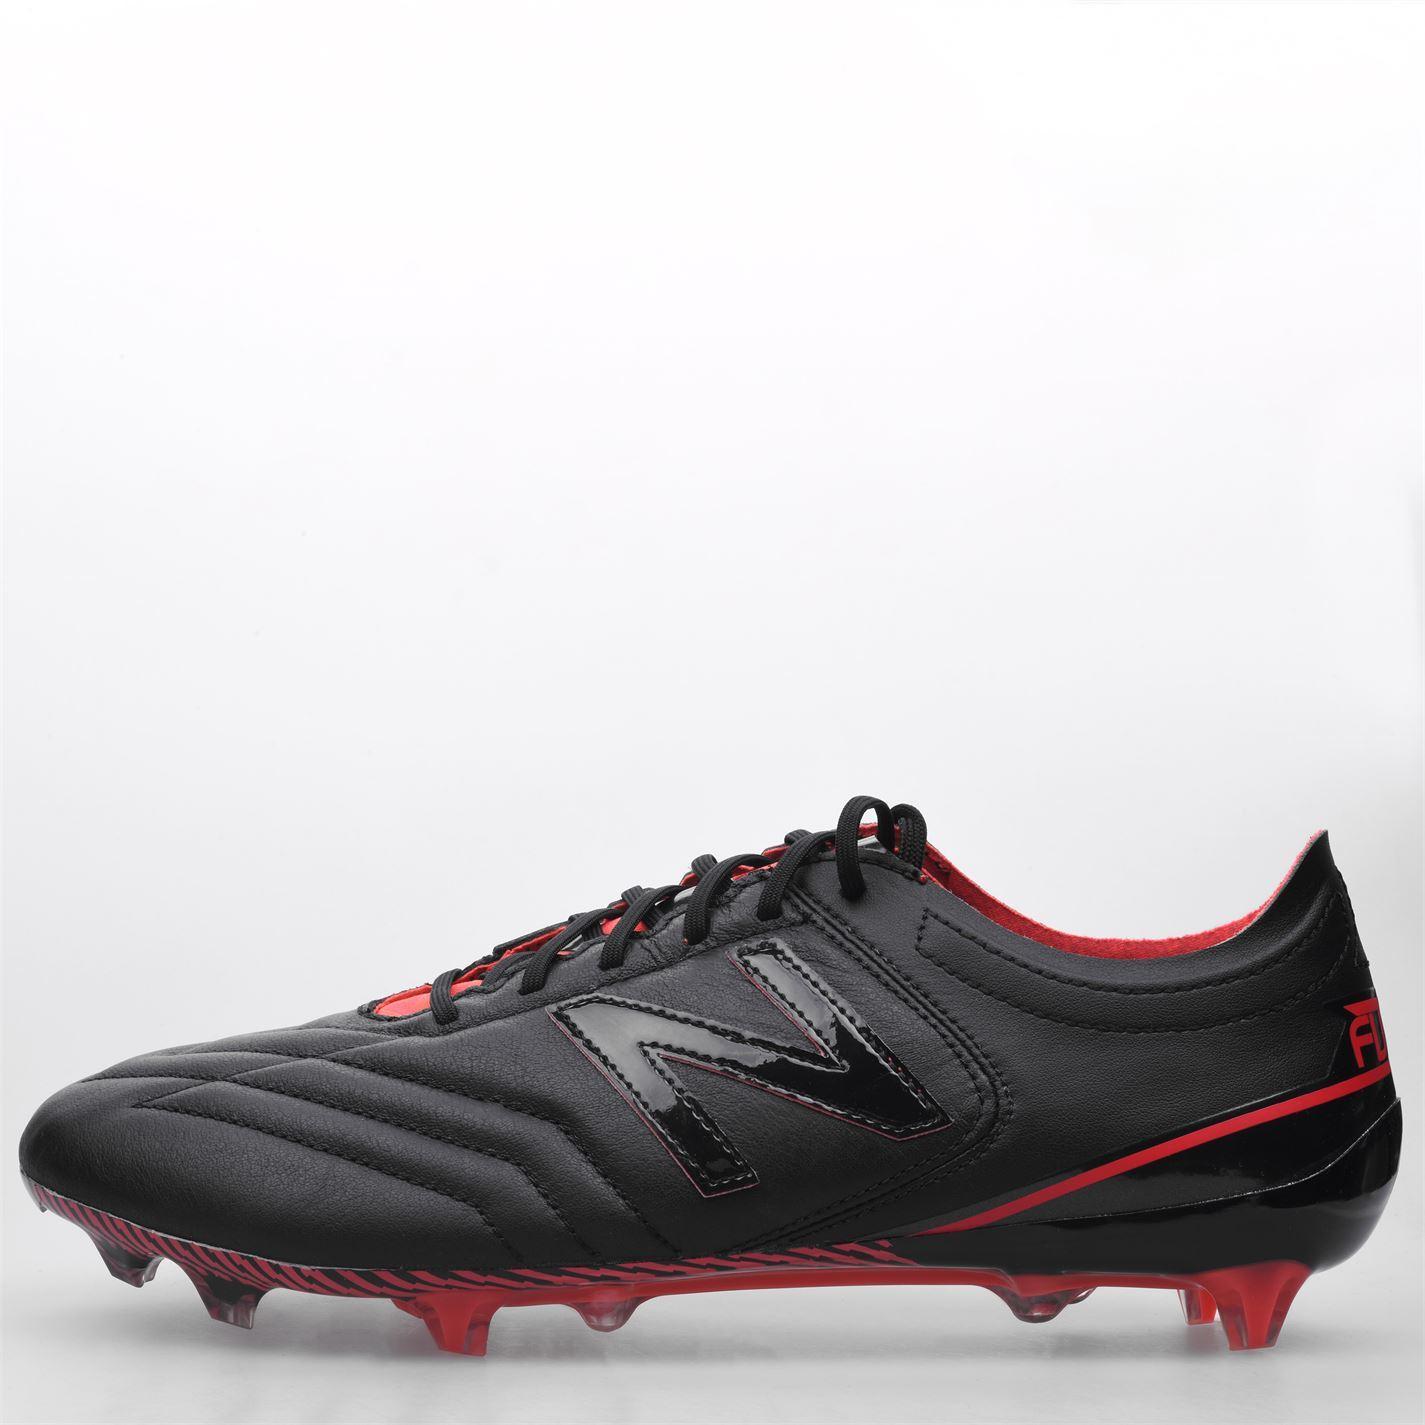 miniature 10 - New-Balance-Furon-3-0-K-cuir-homme-FG-Firm-Ground-Chaussures-De-Football-Soccer-Crampons